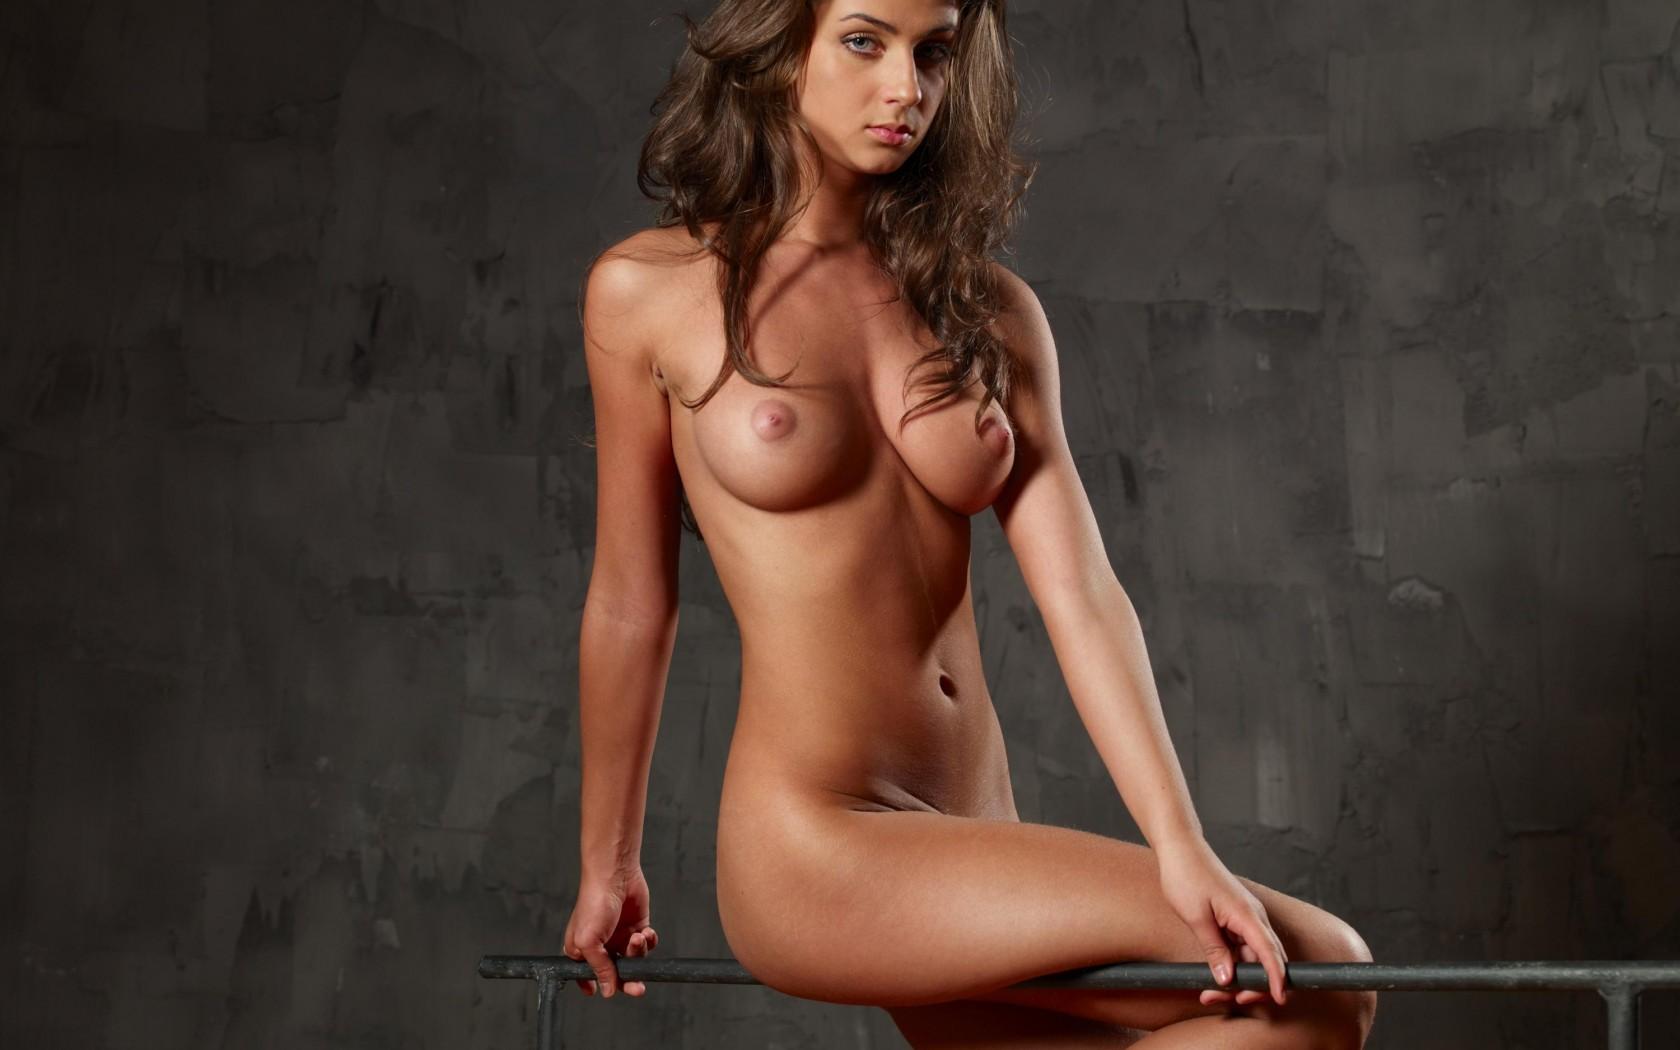 эротика фото голых девушек бесплатно